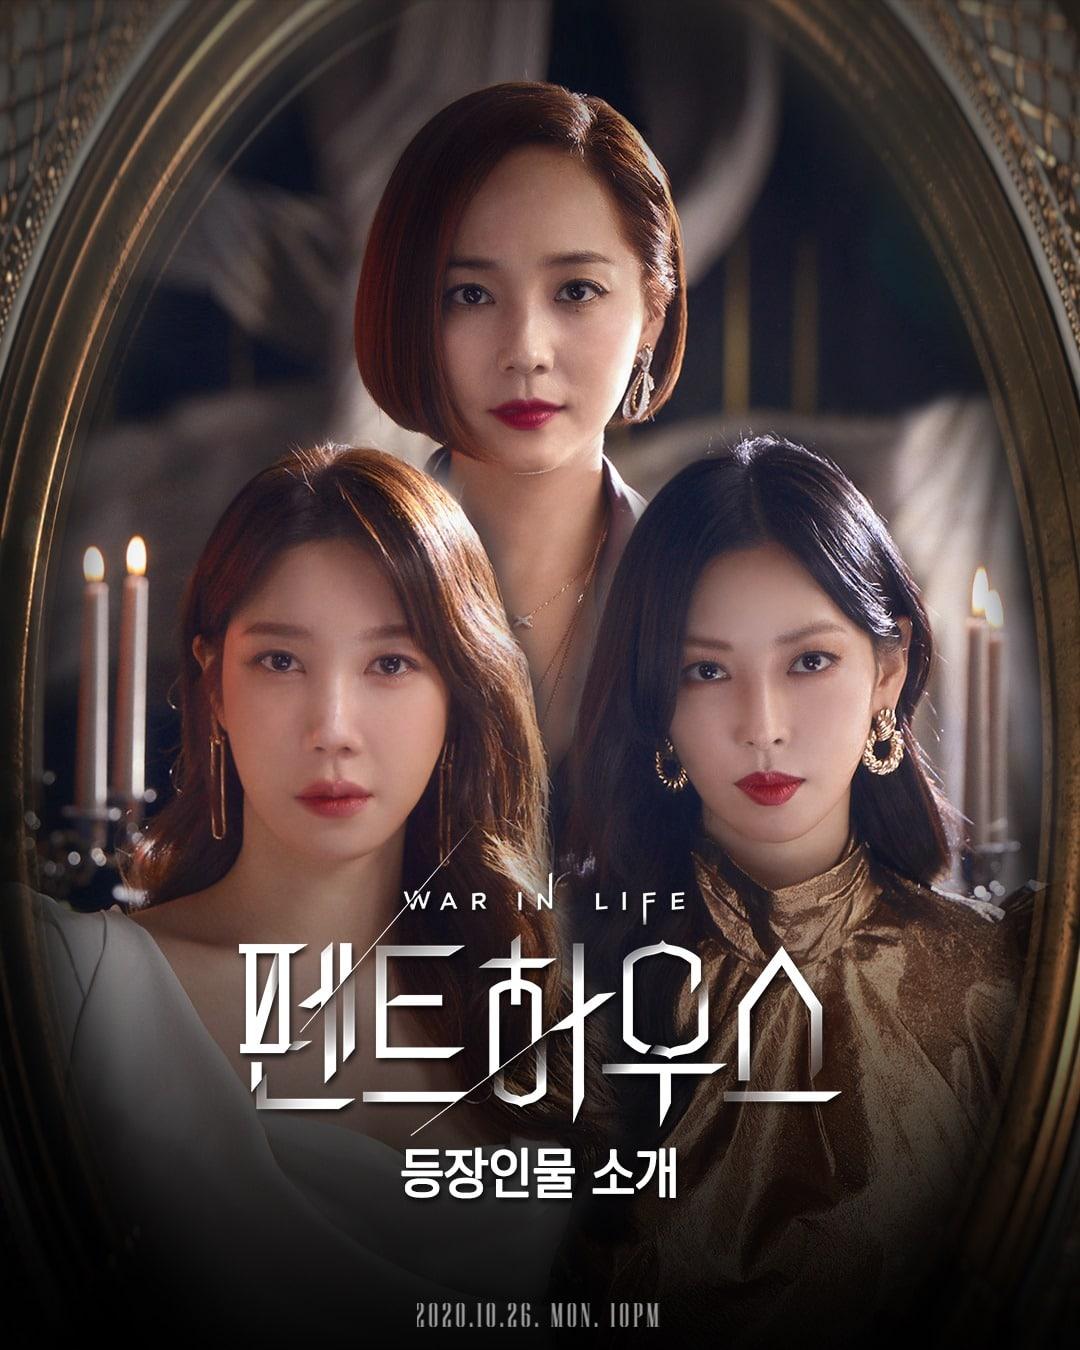 3 giả thuyết về kẻ sát nhân Penthouse: Từ con trai hờ đến chồng tồi của bà cả Lee Ji Ah đều được réo tên - Ảnh 15.